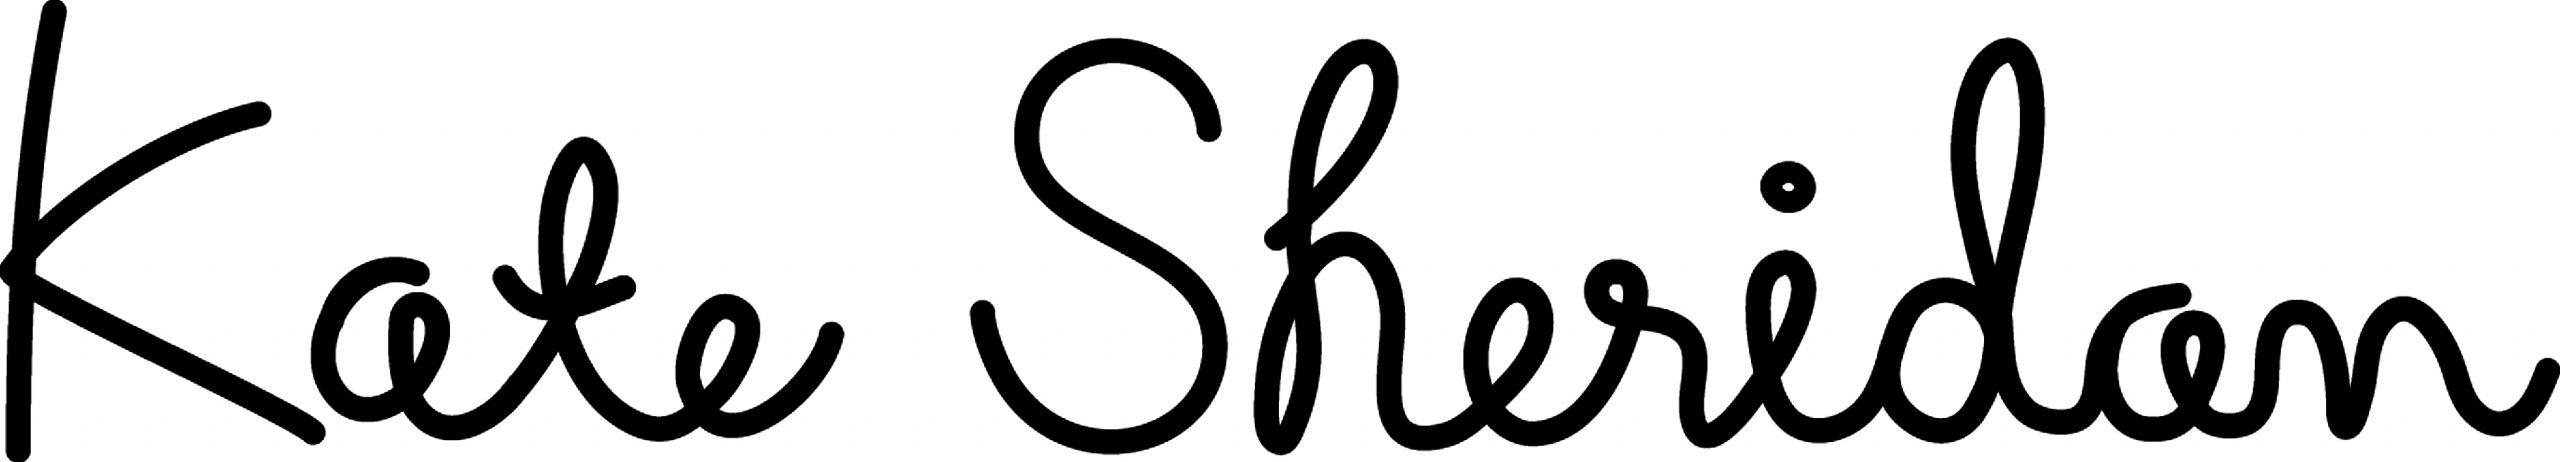 Kate Sheridan London logo | Onwards and Up